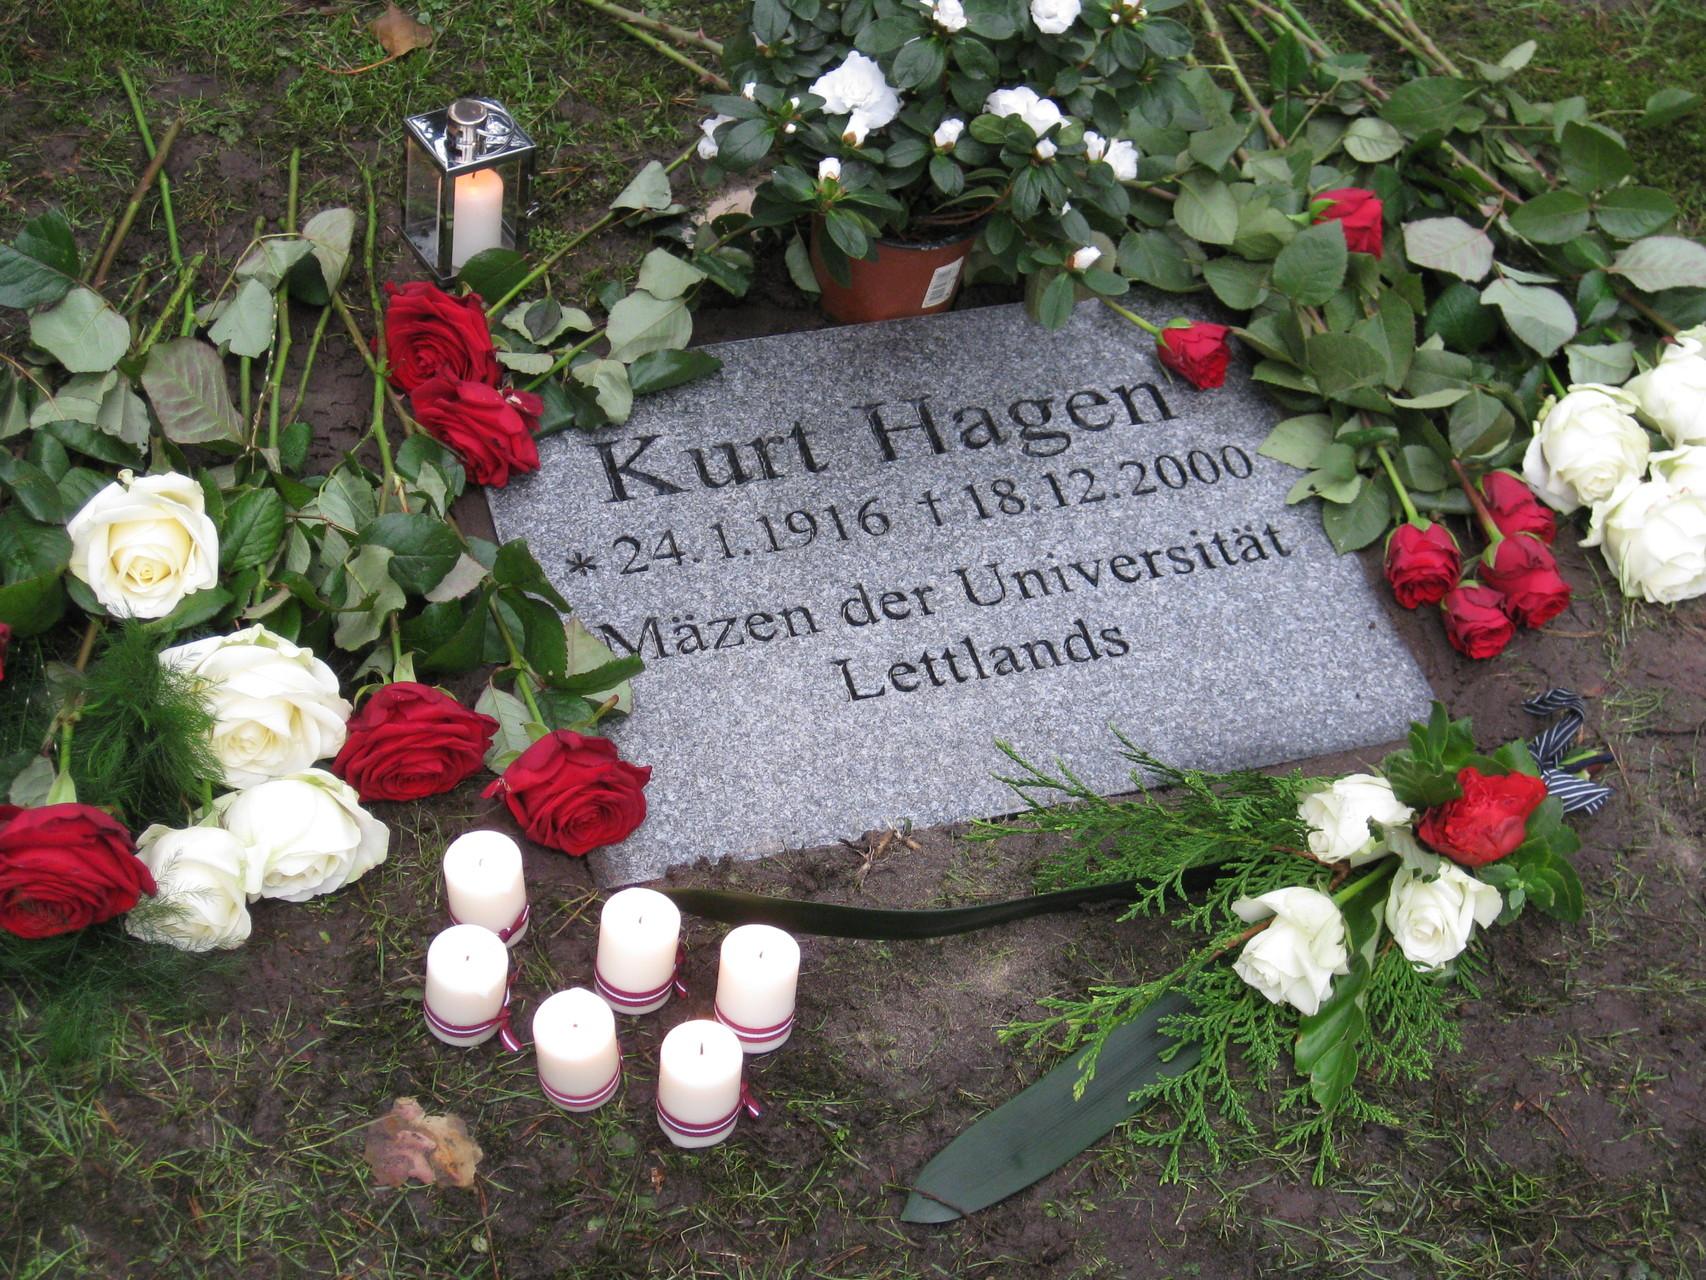 Kurta Hāgena kapa plāksne